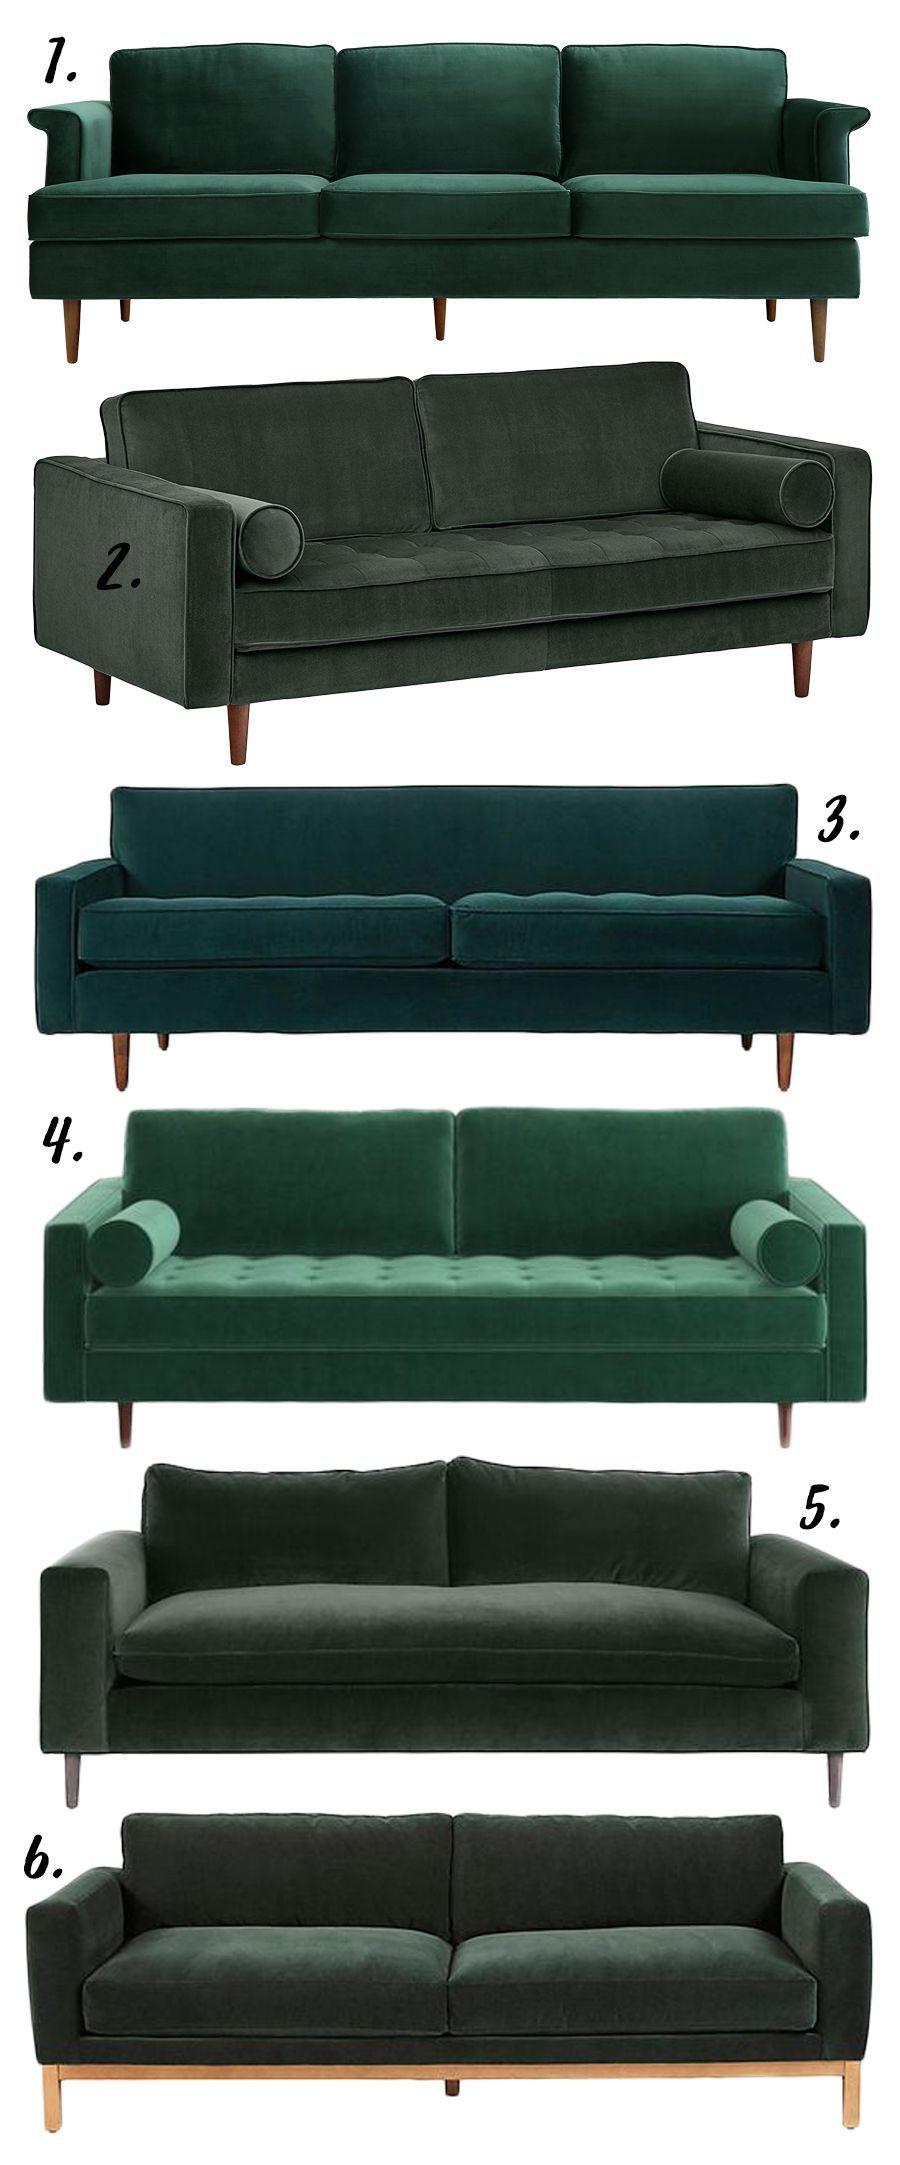 Living Room Ideas Bohemian - BOHO STYLE THE GREEN VELVET ...